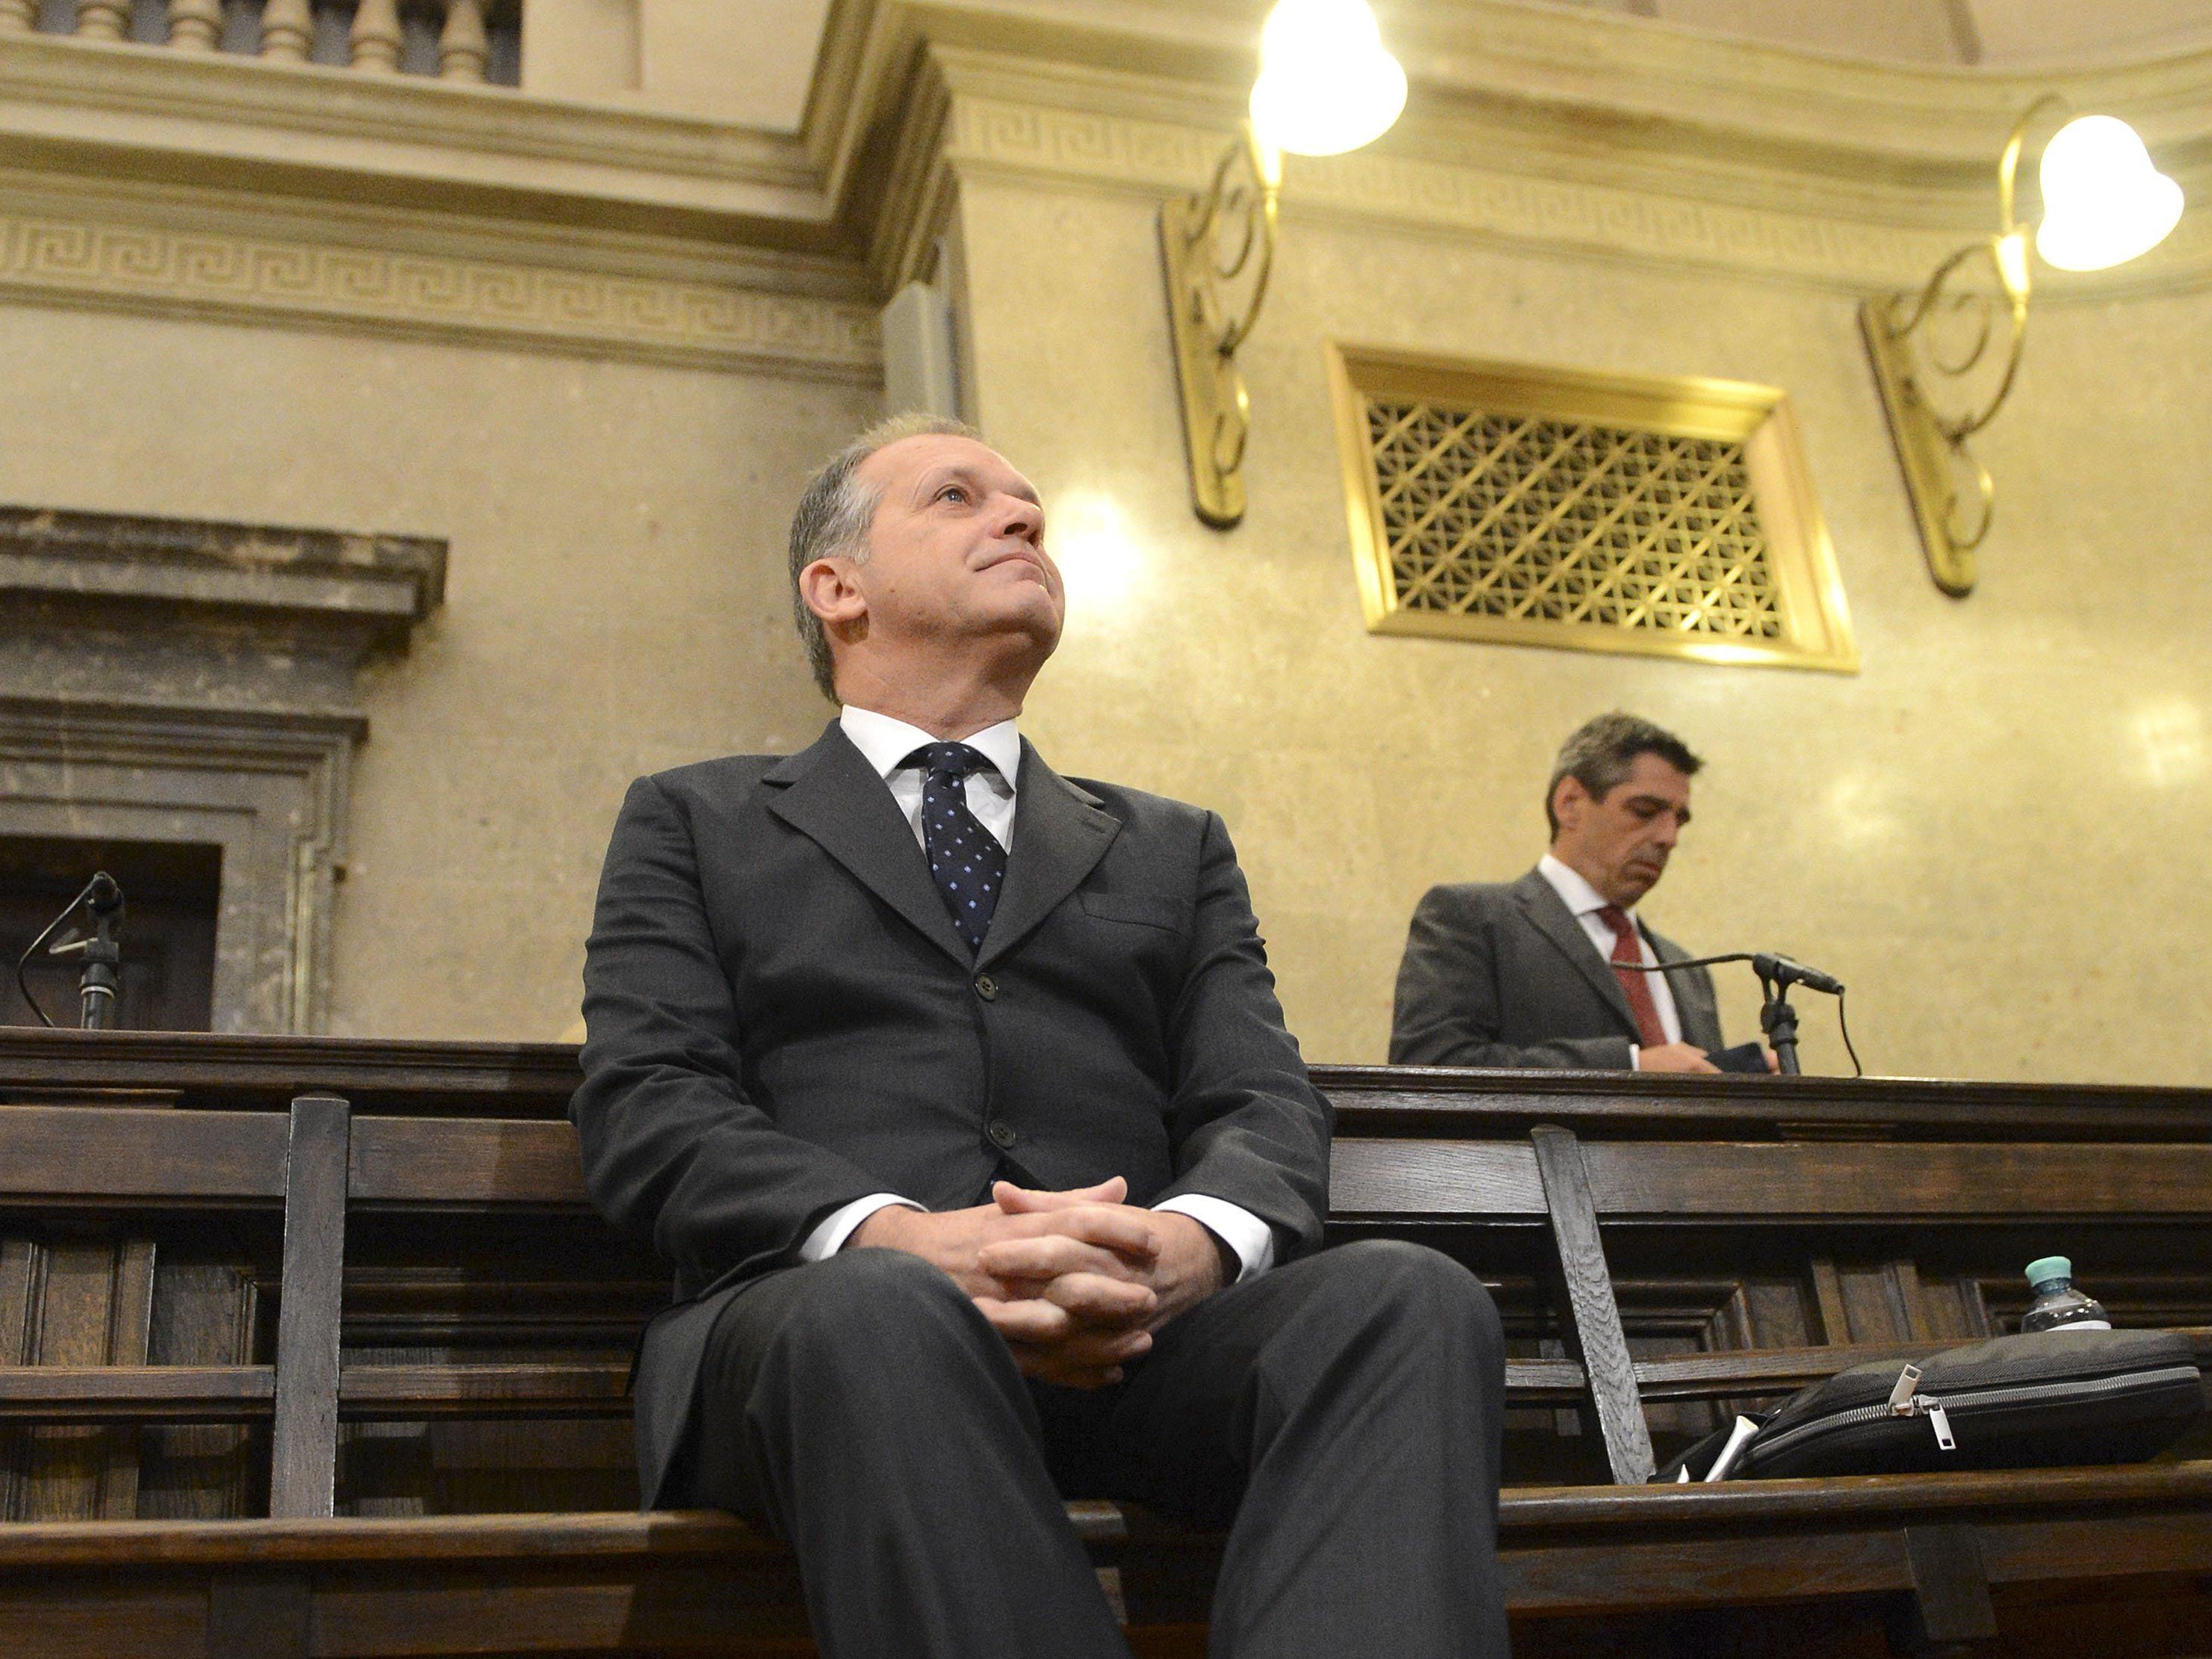 Causa Strasser: Urteil von Amts wegen aufgehoben.